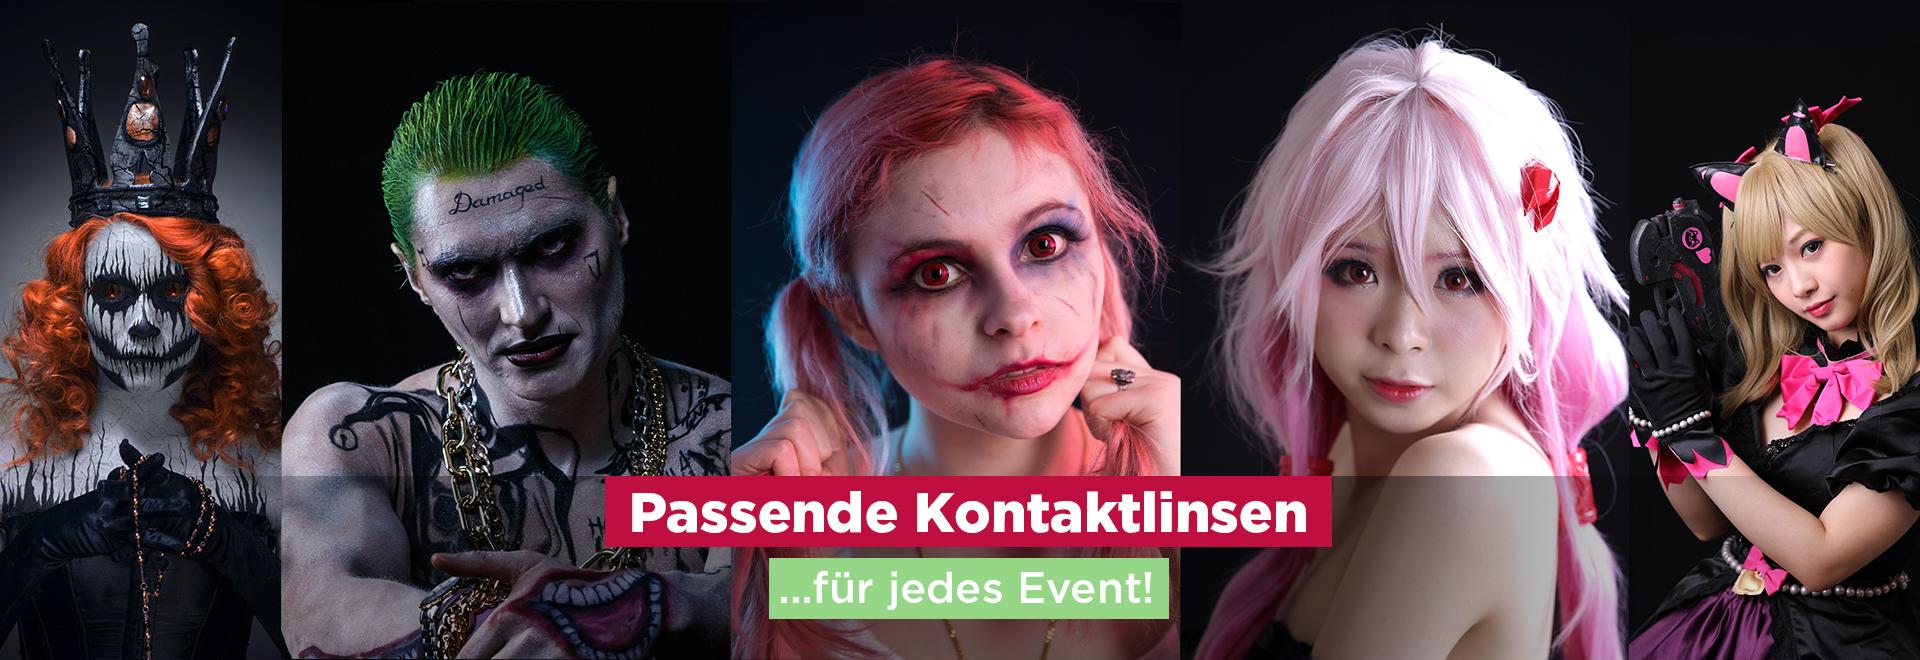 Farbige Motivkontaklinsen Crazy Fun Linsen 2021